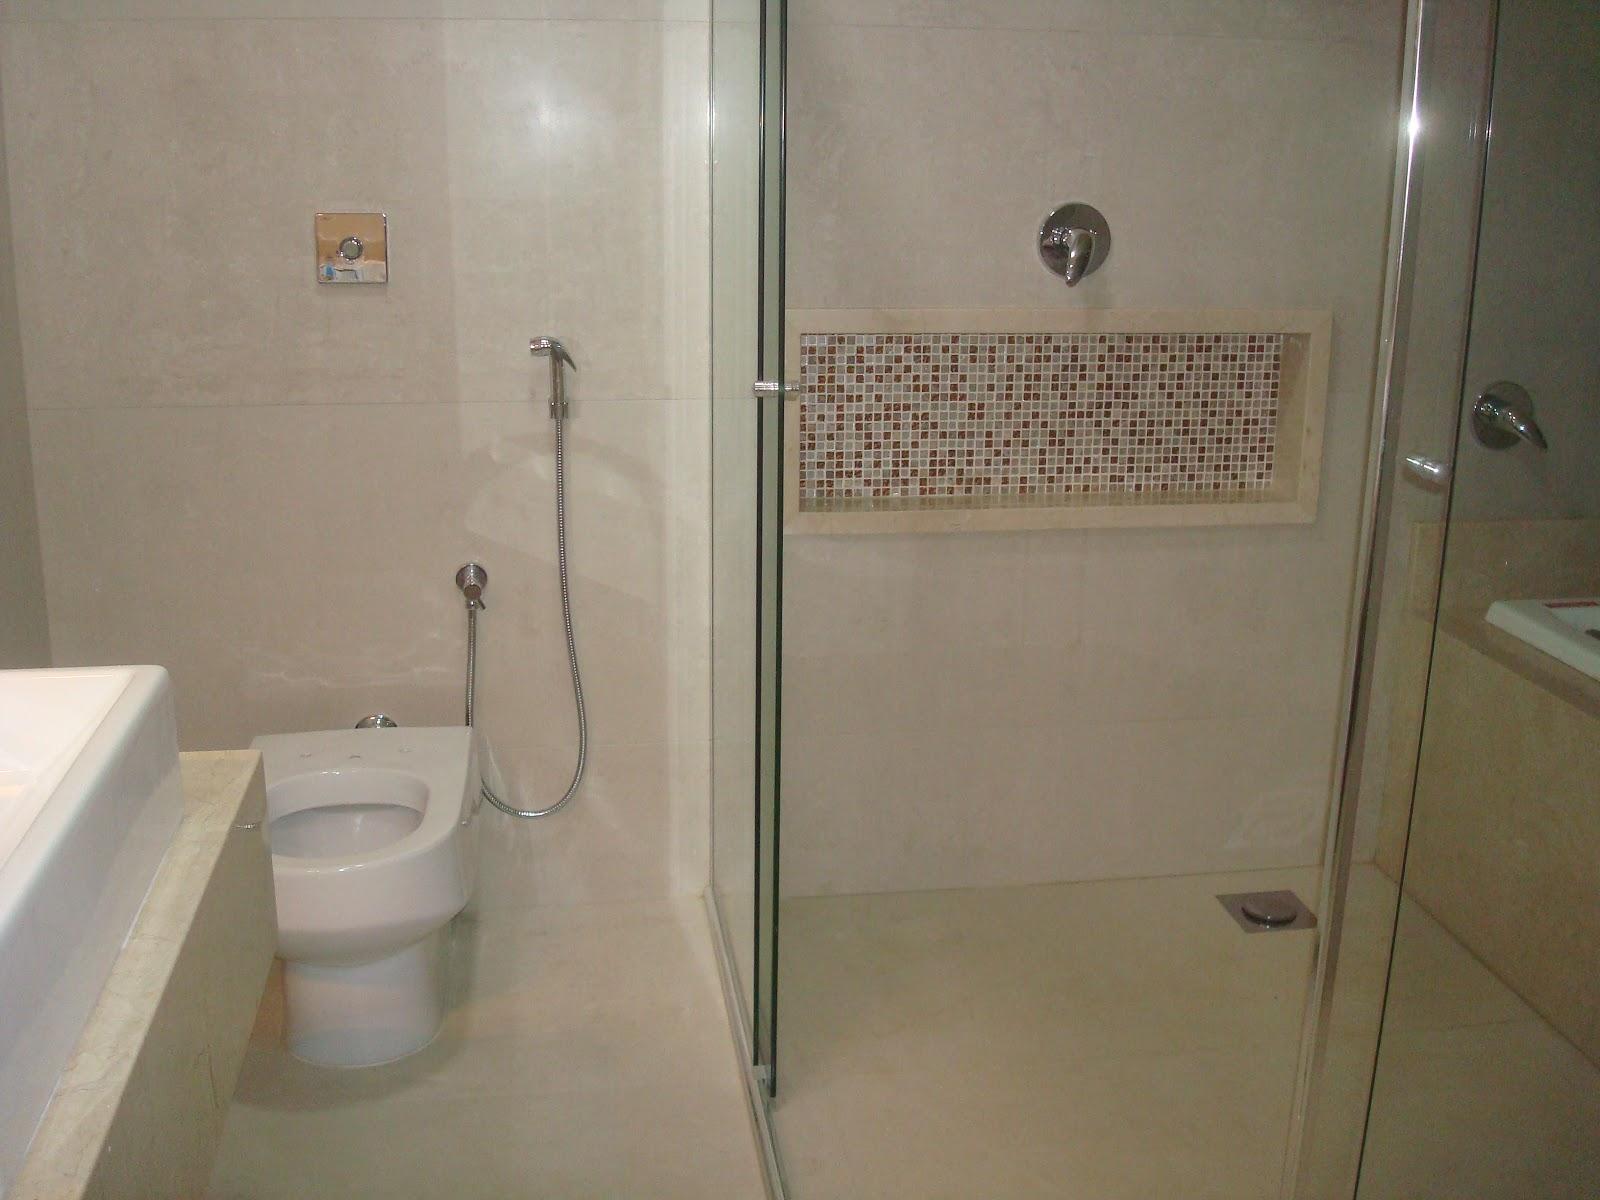 Banheiro Com Revestimento Fotos E Imagens Decorado Pelautscom Picture #5D503B 1600x1200 Banheiro De Apartamento Decorado